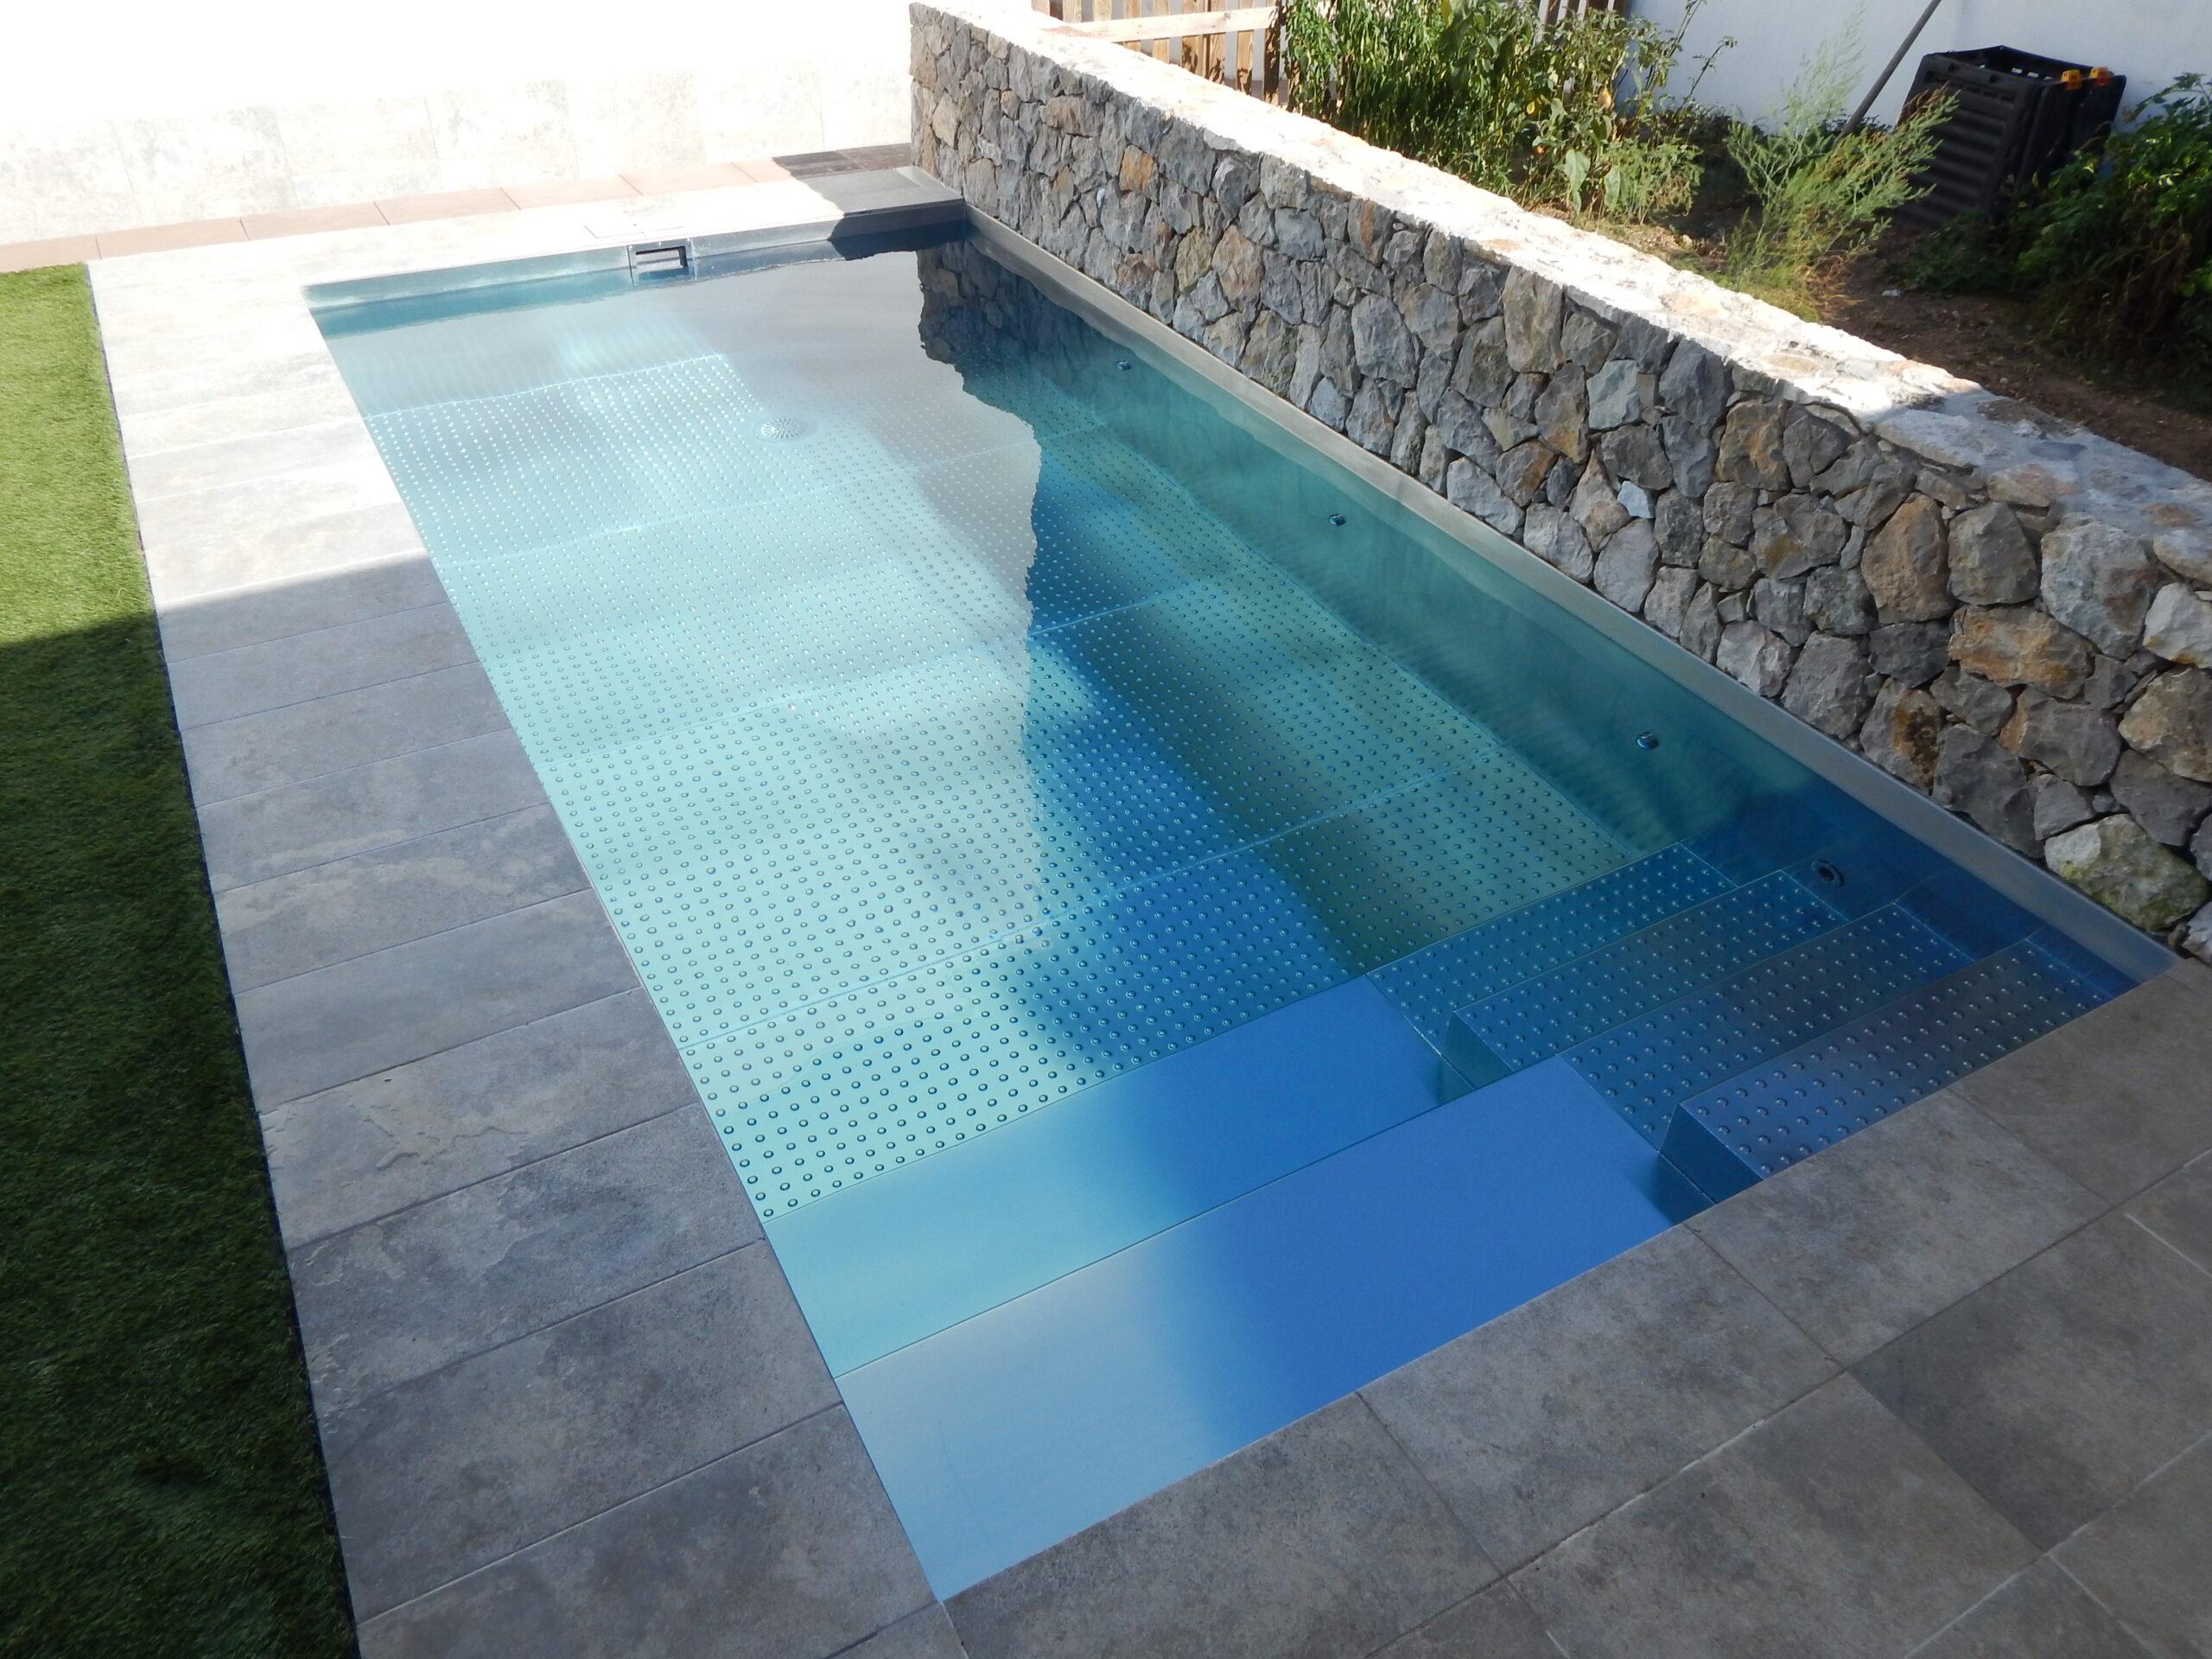 piscina-de-acero-inoxidable-skimmer-9286